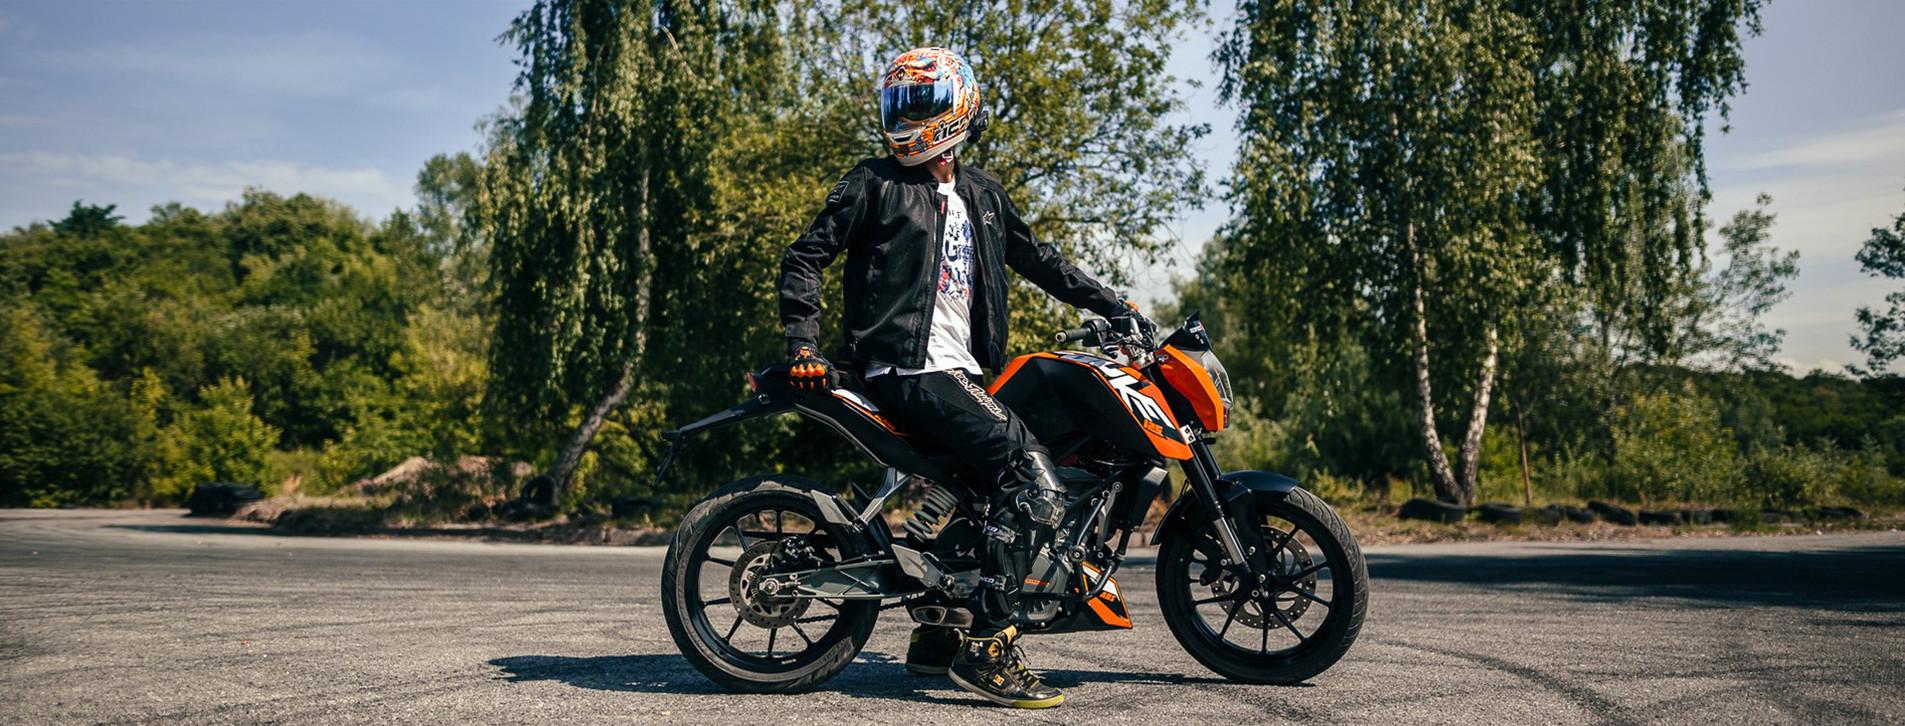 Fotoğraf - Motosiklet Sürüş Eğitimi